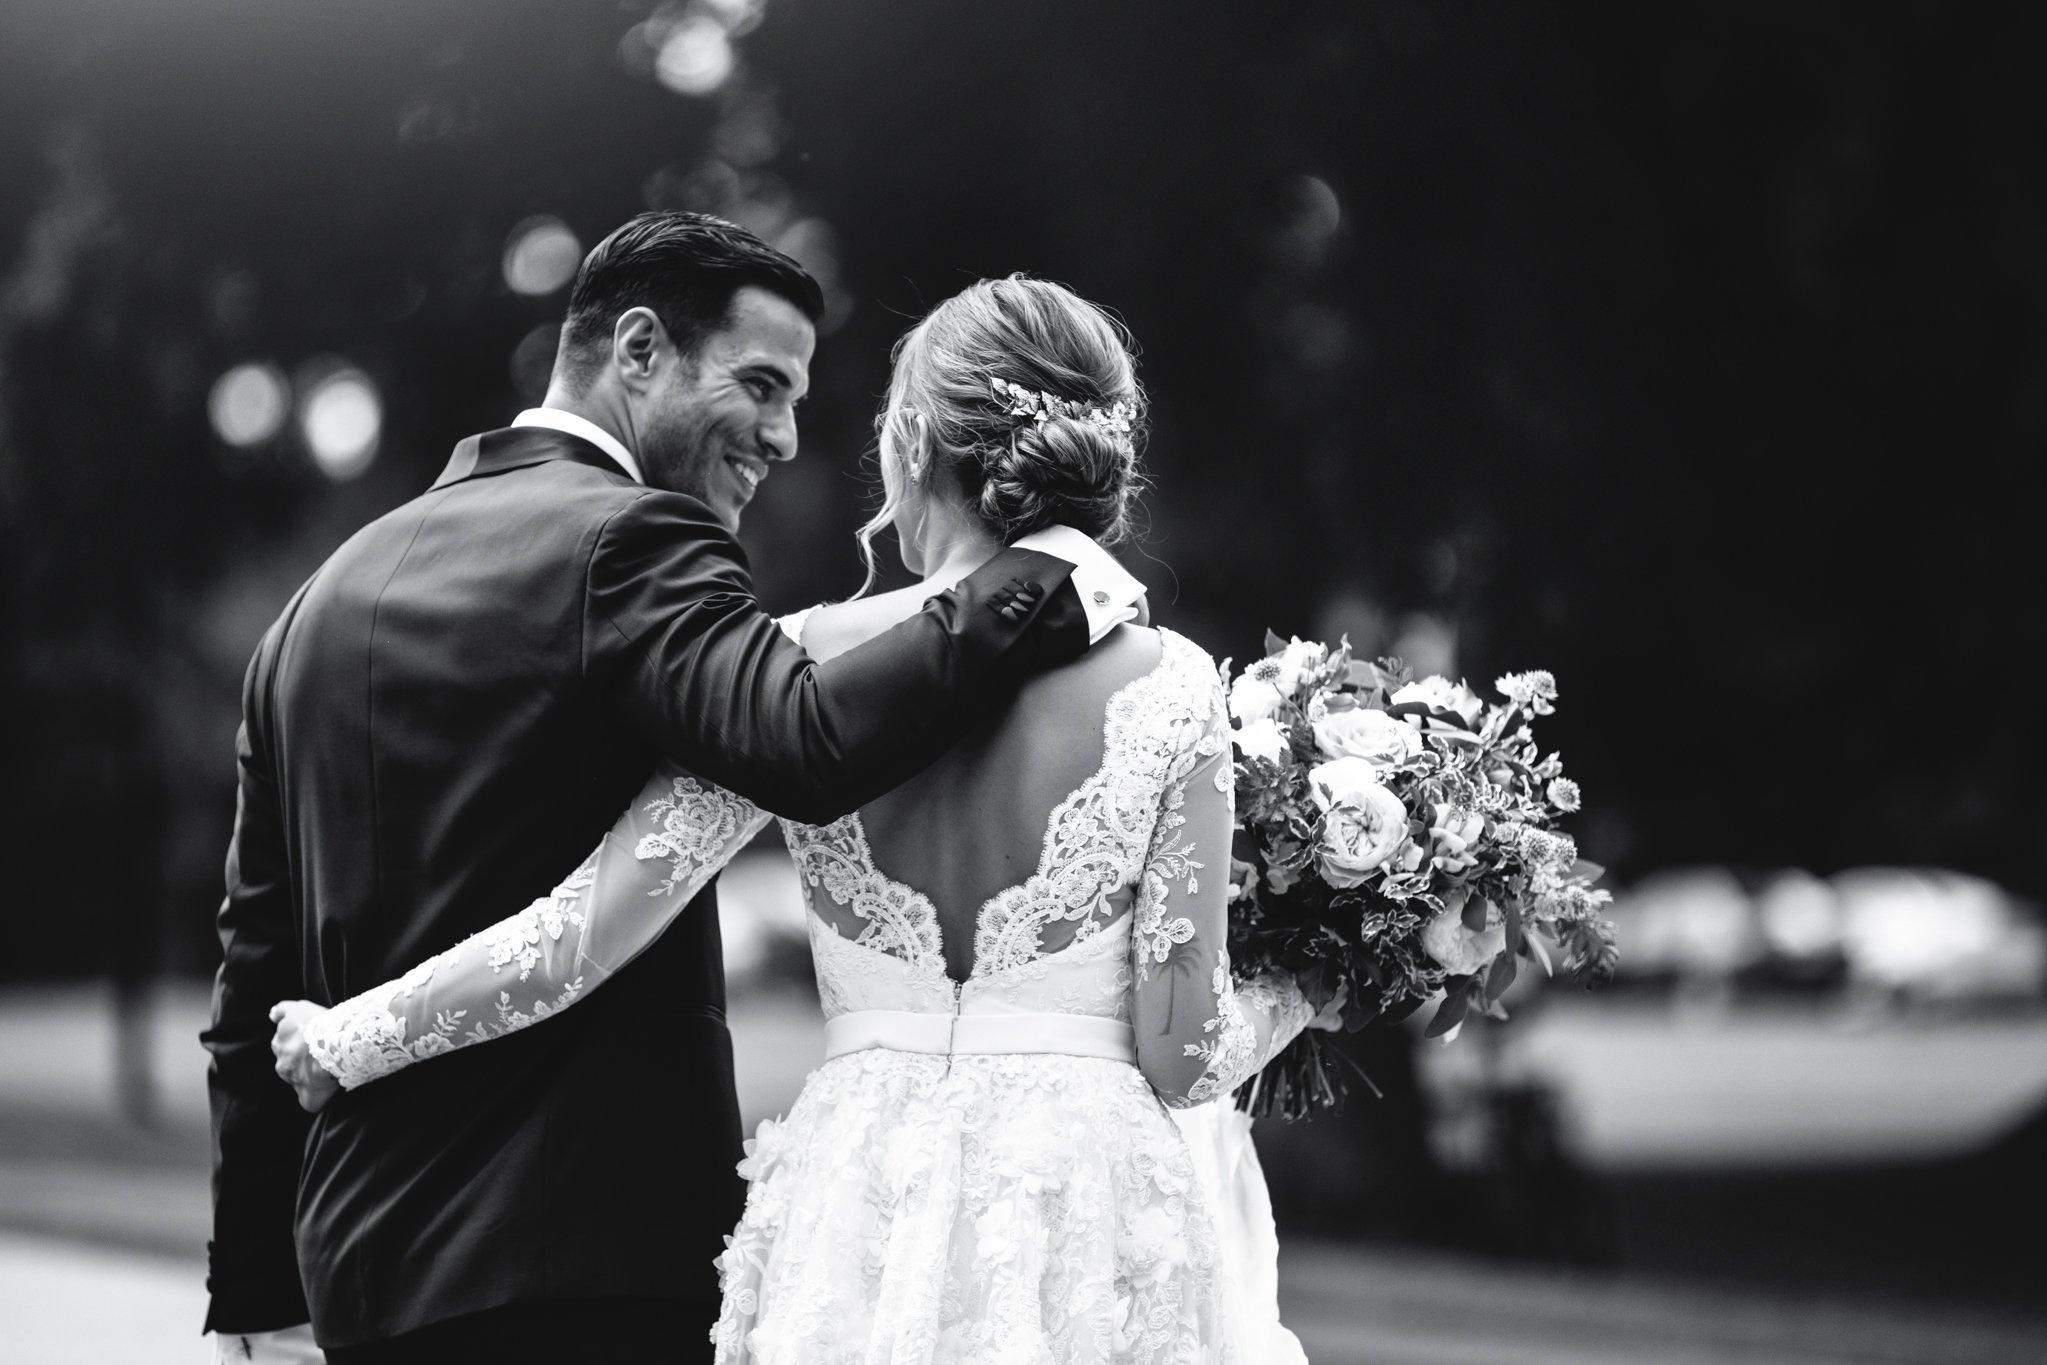 Kenza-Aleks-Wedding-Photo-by-Fabian-Wester-10